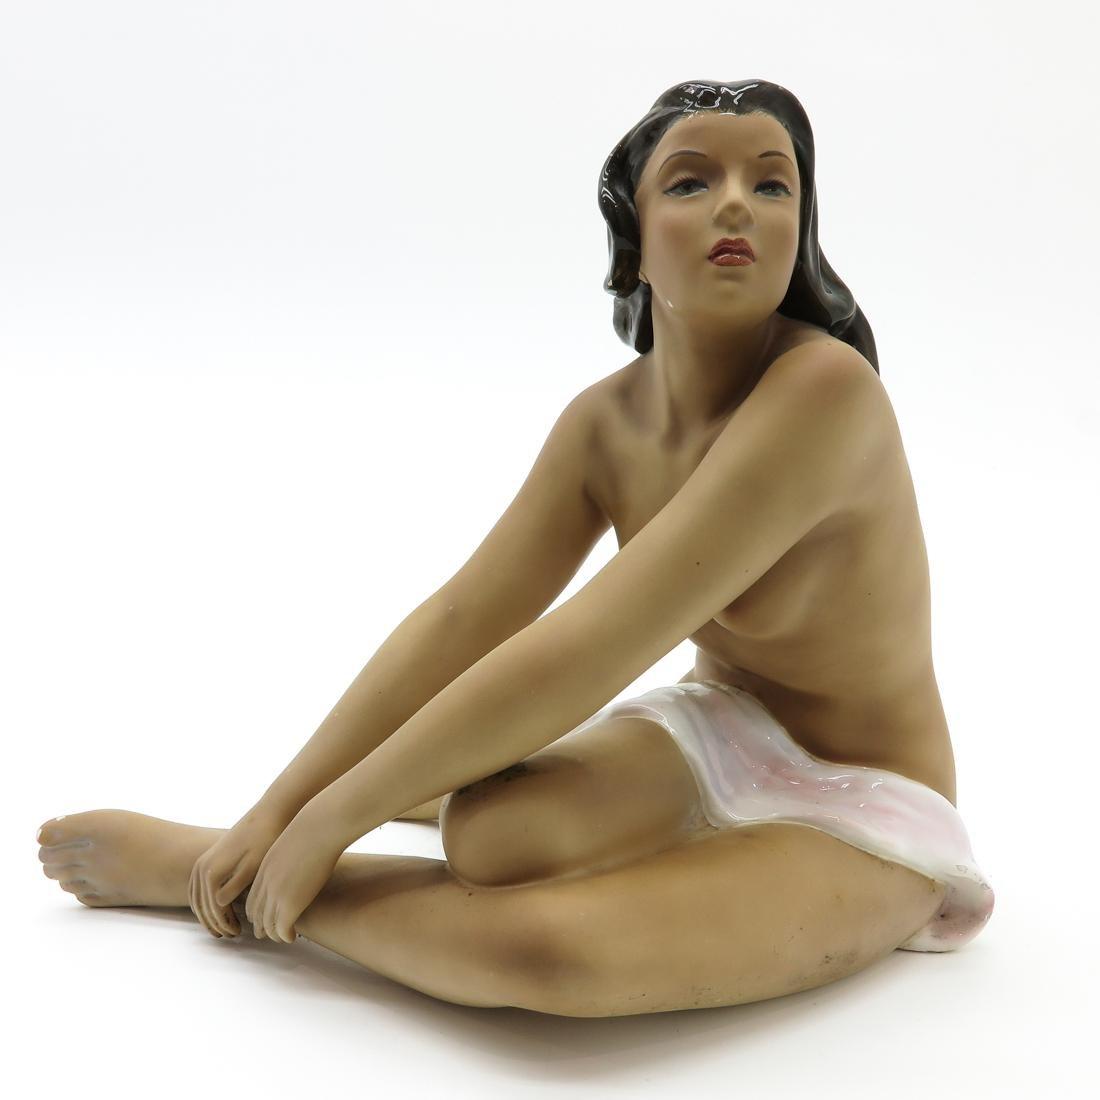 Le Bertetti Nude Sculpture